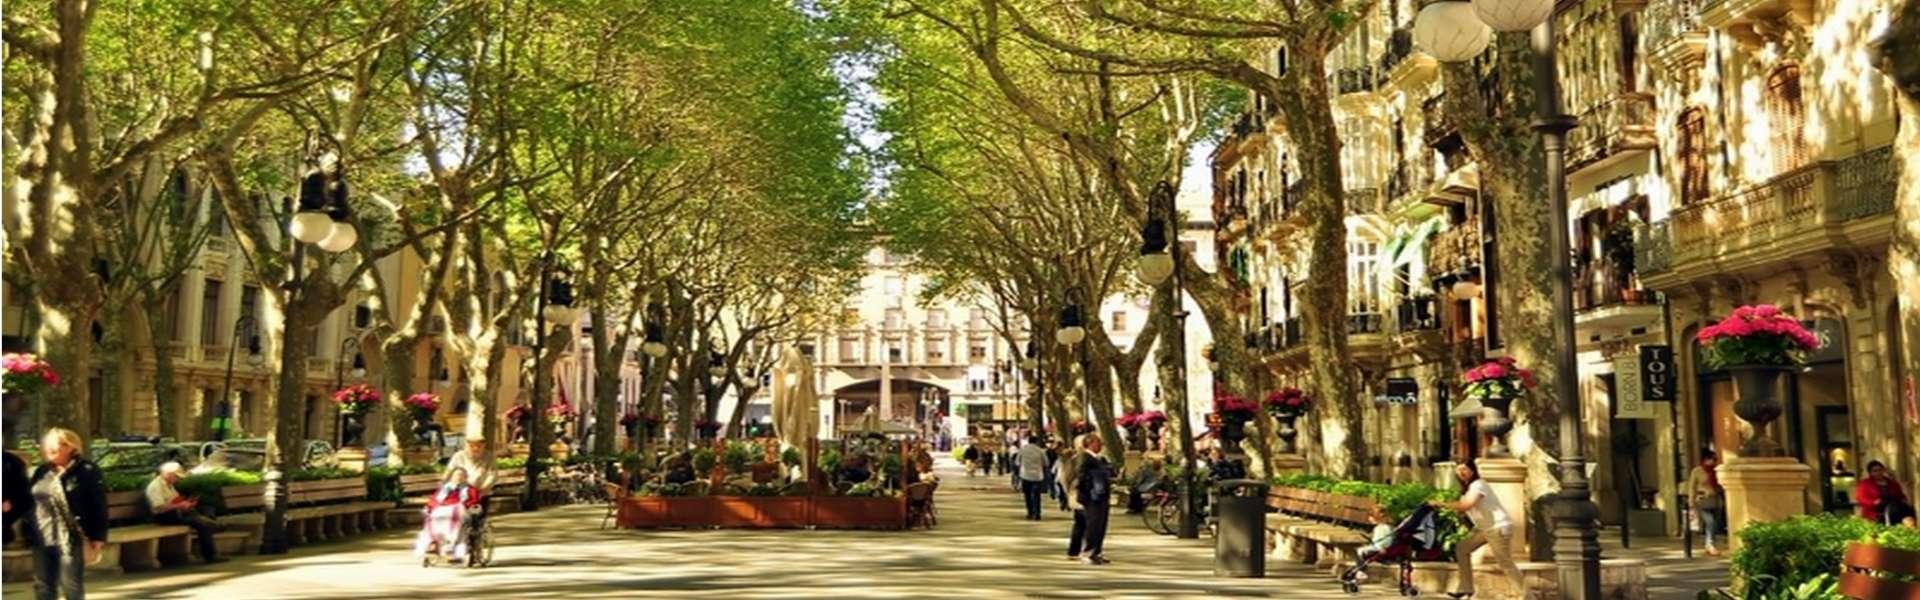 Luxusresidenzen (Apartments/Penthäuser) im historischen Stadtteil von Palma de Mallorca